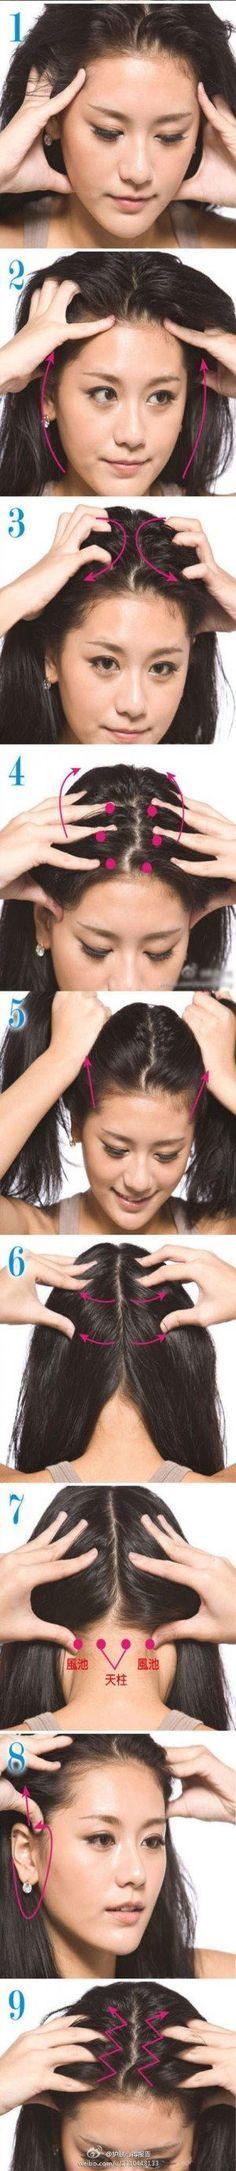 A massagem capilar estimula o crescimento dos cabelos, revitaliza os fios, relaxa toda a região da cabeça e melhora a circulação sanguínea, facilitando o transporte de nutrientes e oxigênio para o folículo piloso.